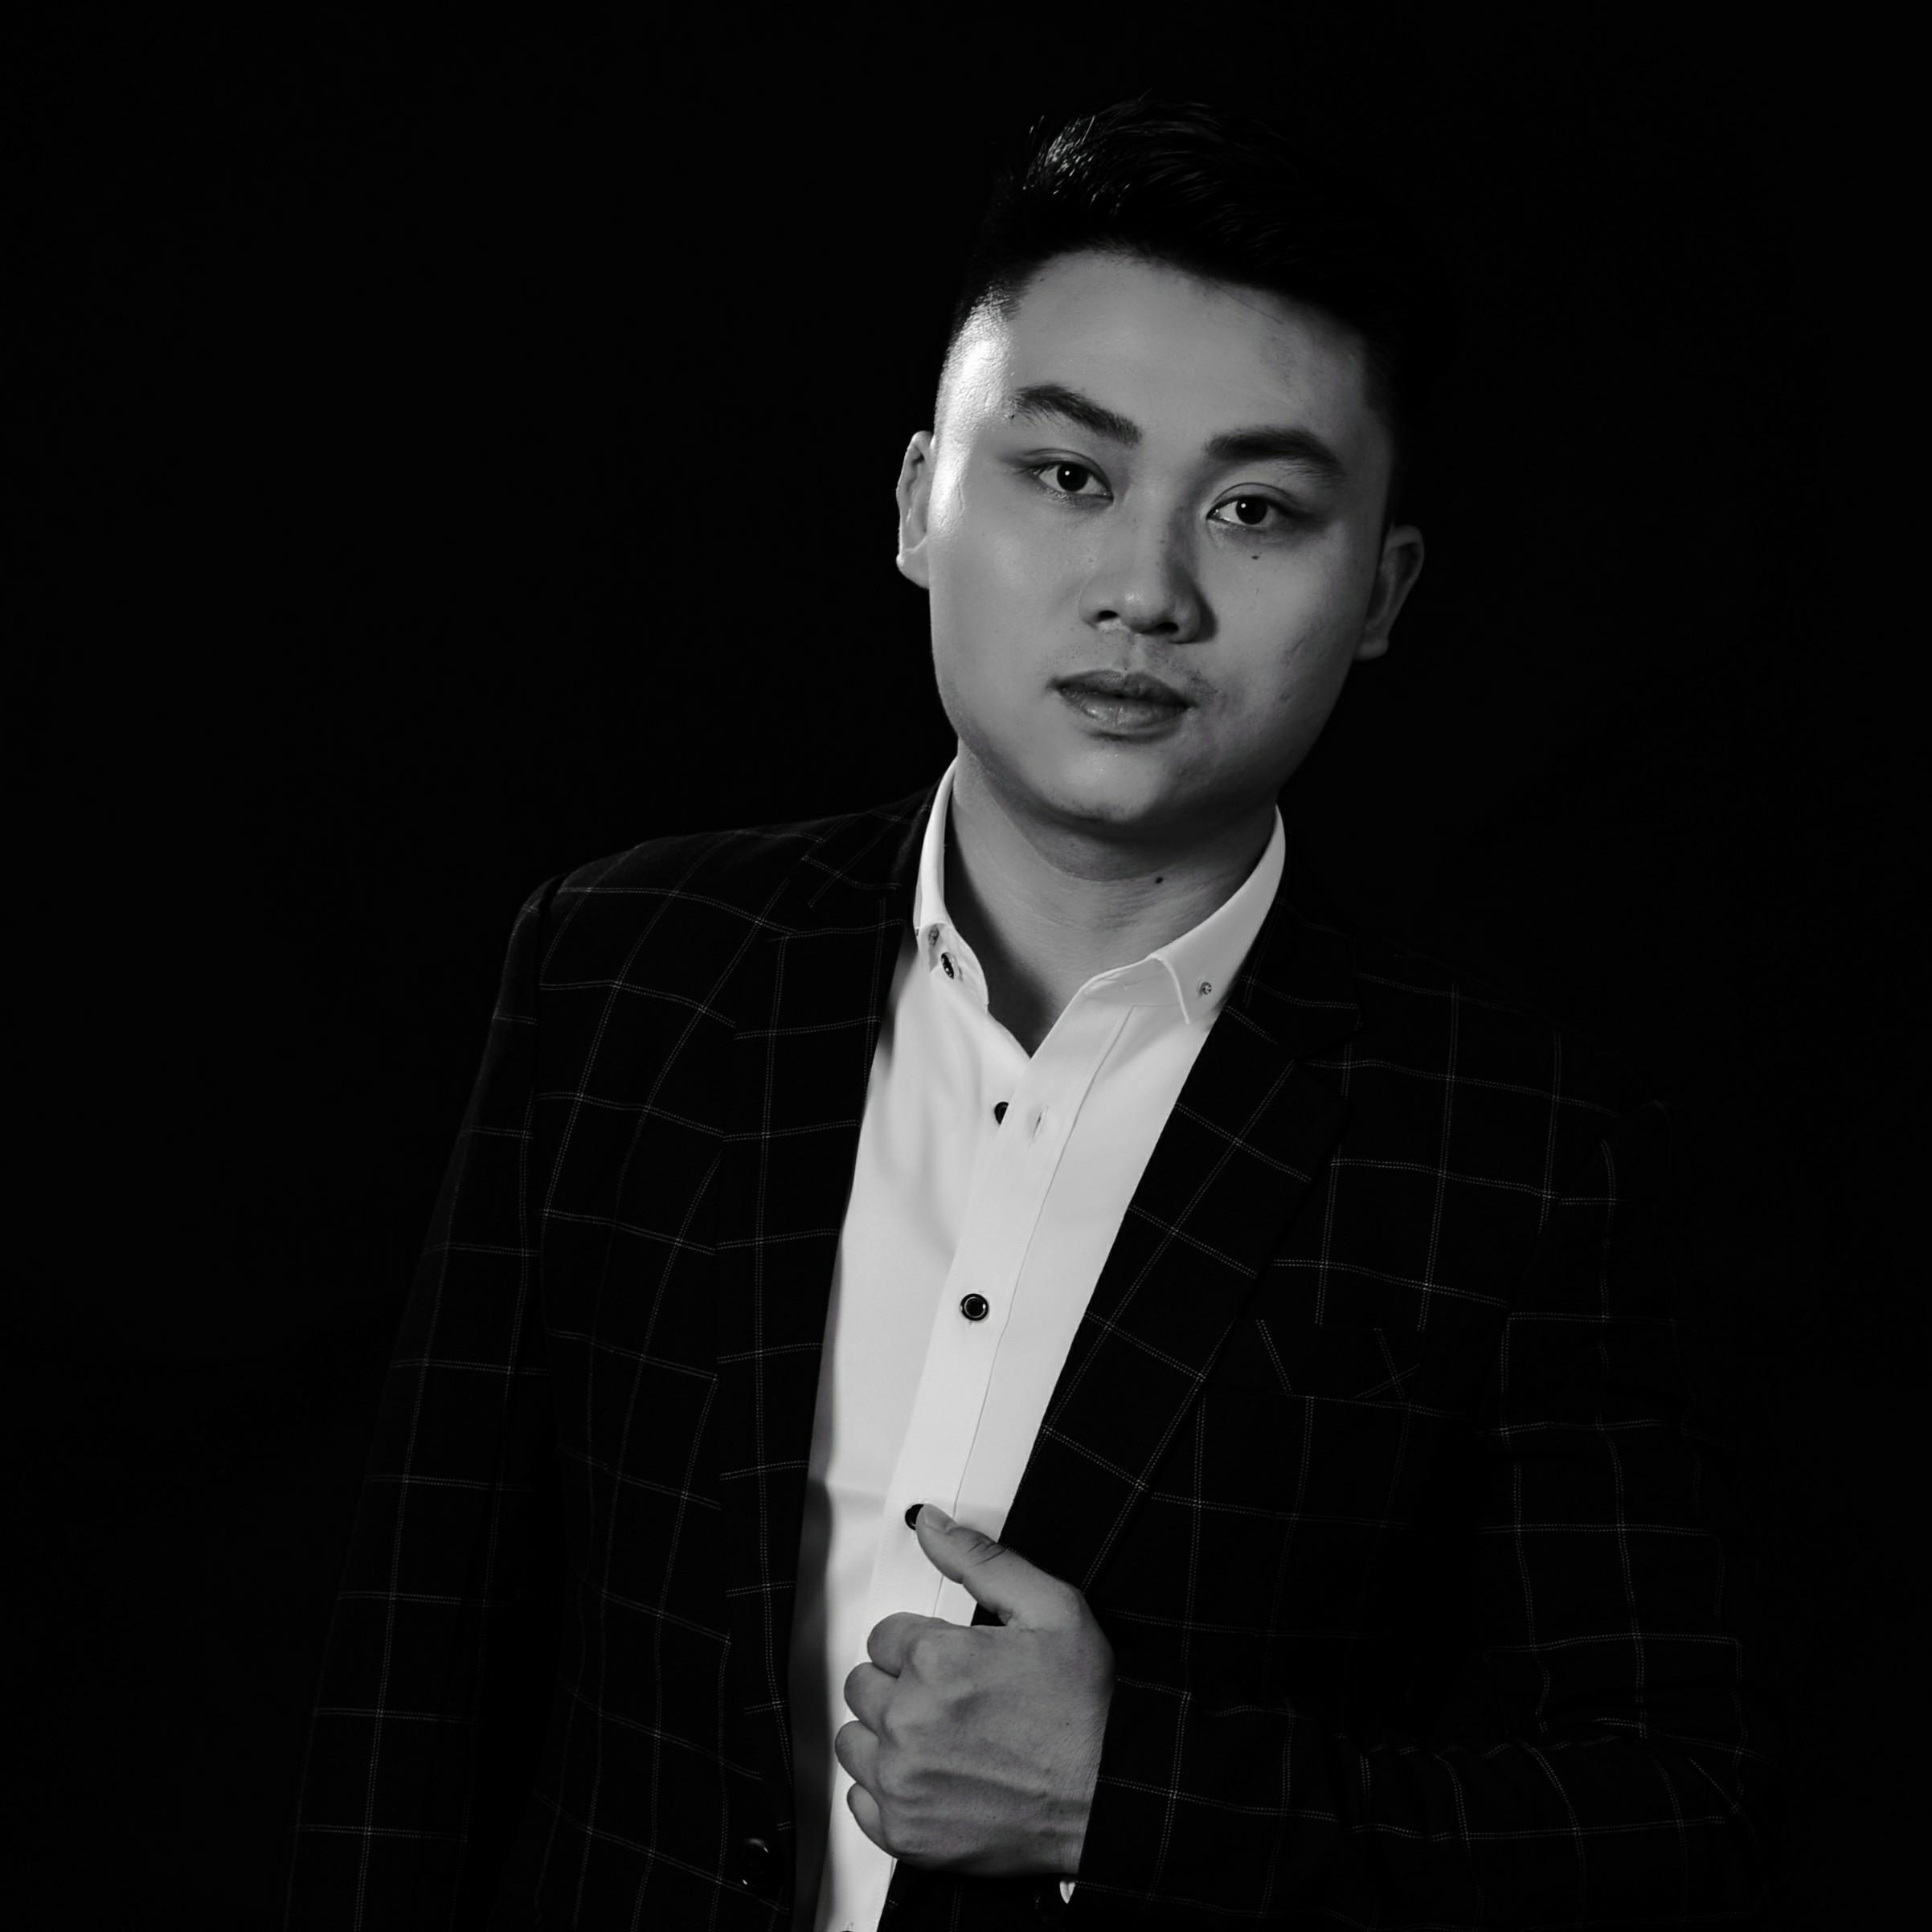 贵阳珍馐食诱餐饮管理有限公司创始人文斌武照片